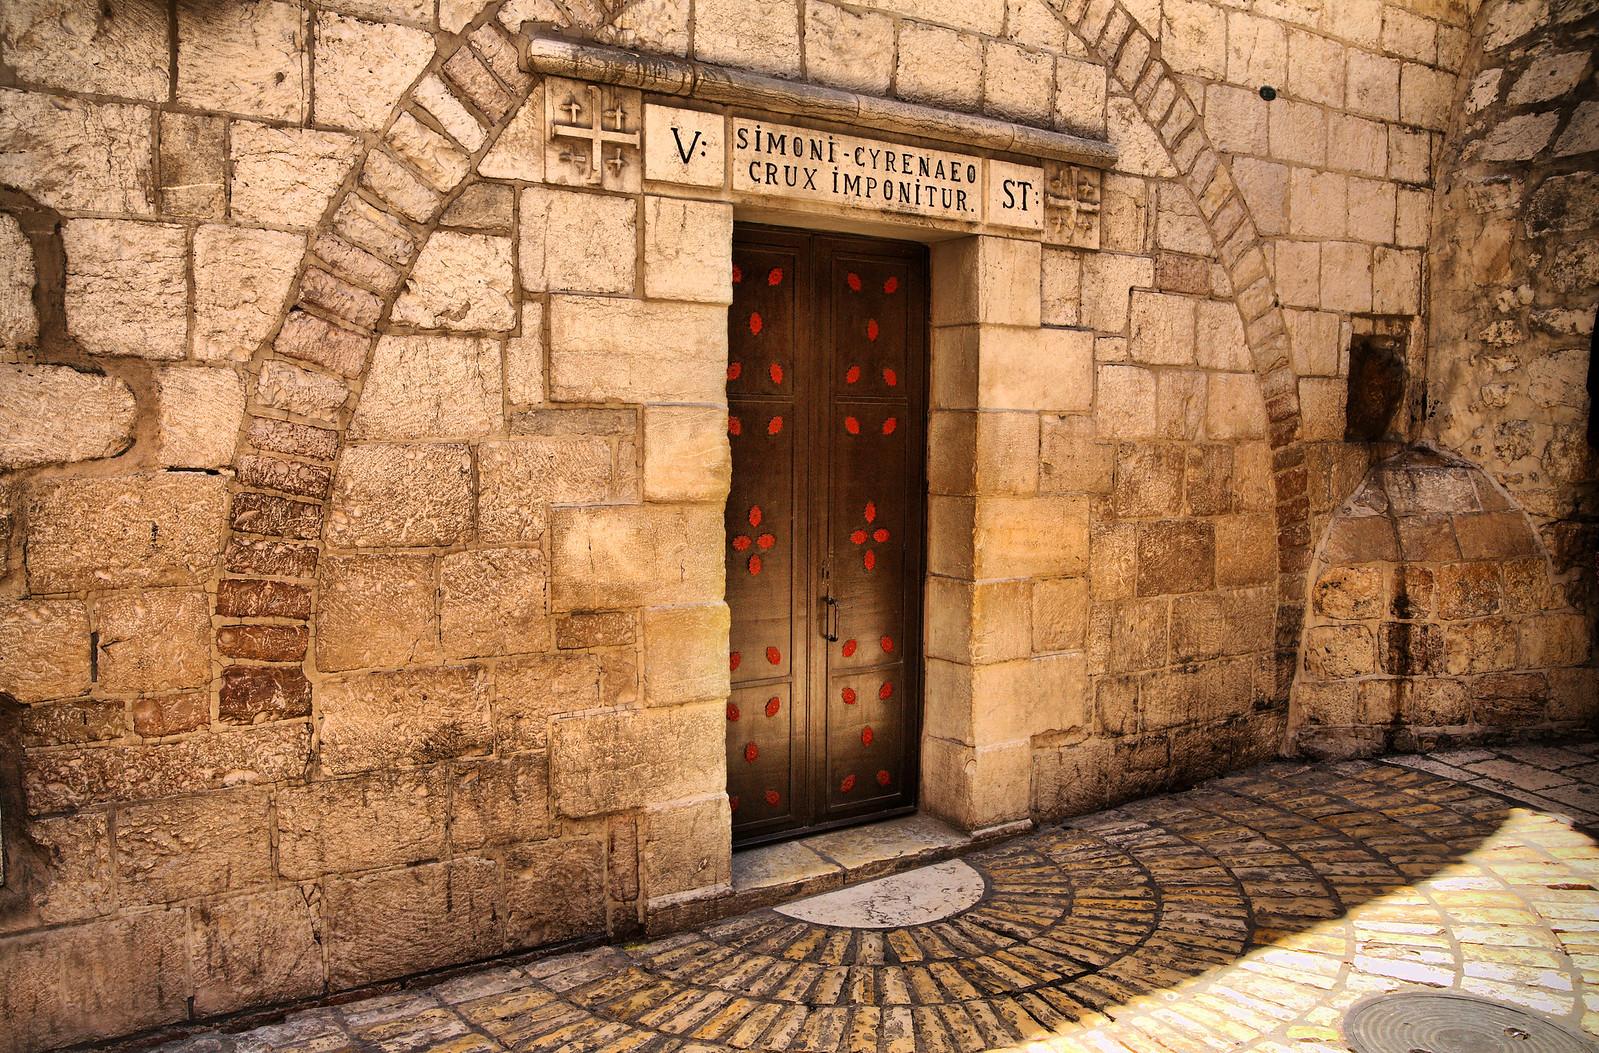 Jerusalem_Via Dolorosa_Station 5 (1)_Noam Chen_IMOT